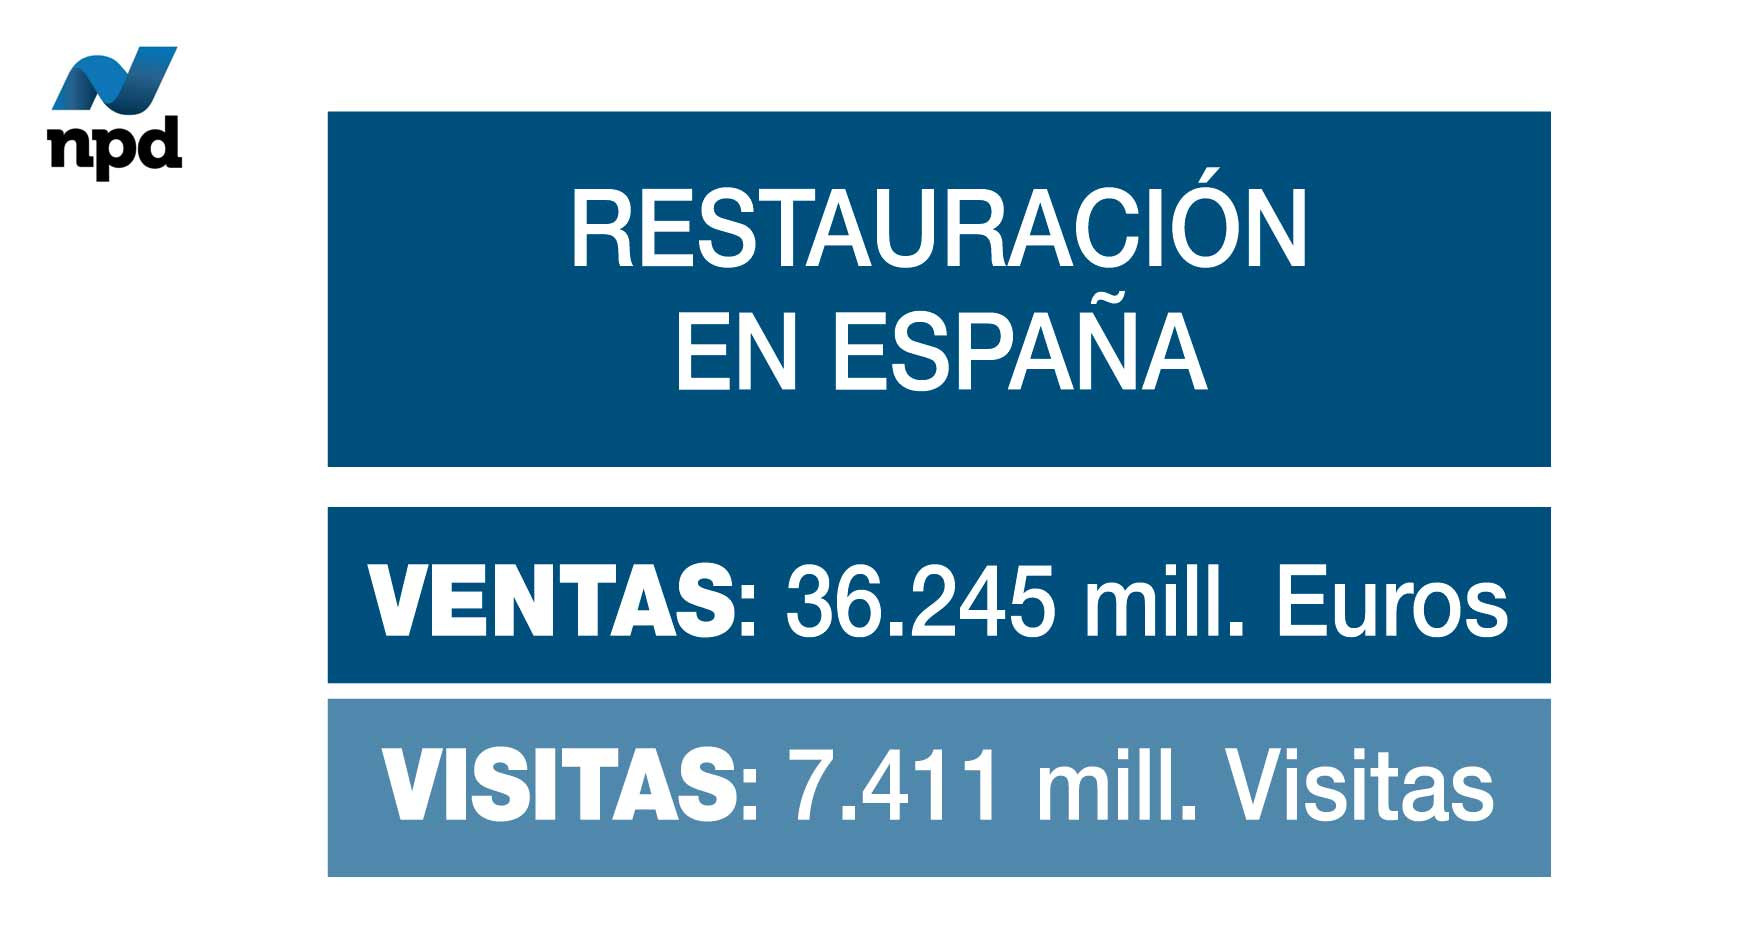 Restauración en España